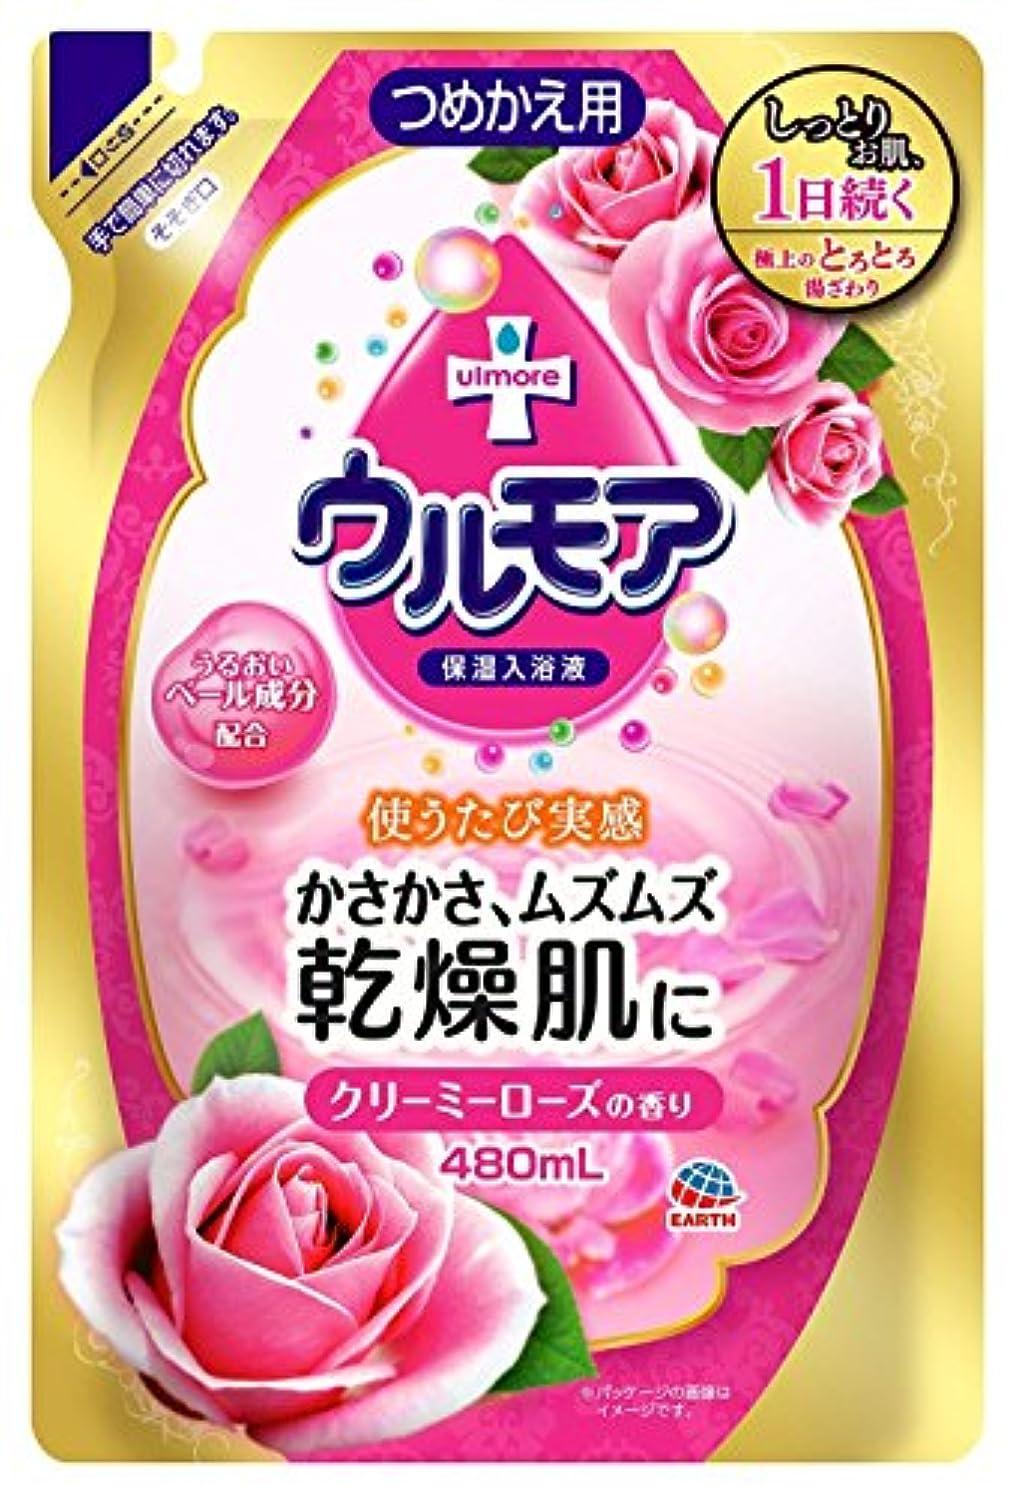 ボルトコードレス心理的に【アース製薬】保湿入浴液ウルモアクリーミーローズの香り 詰替え用 480ml ×3個セット